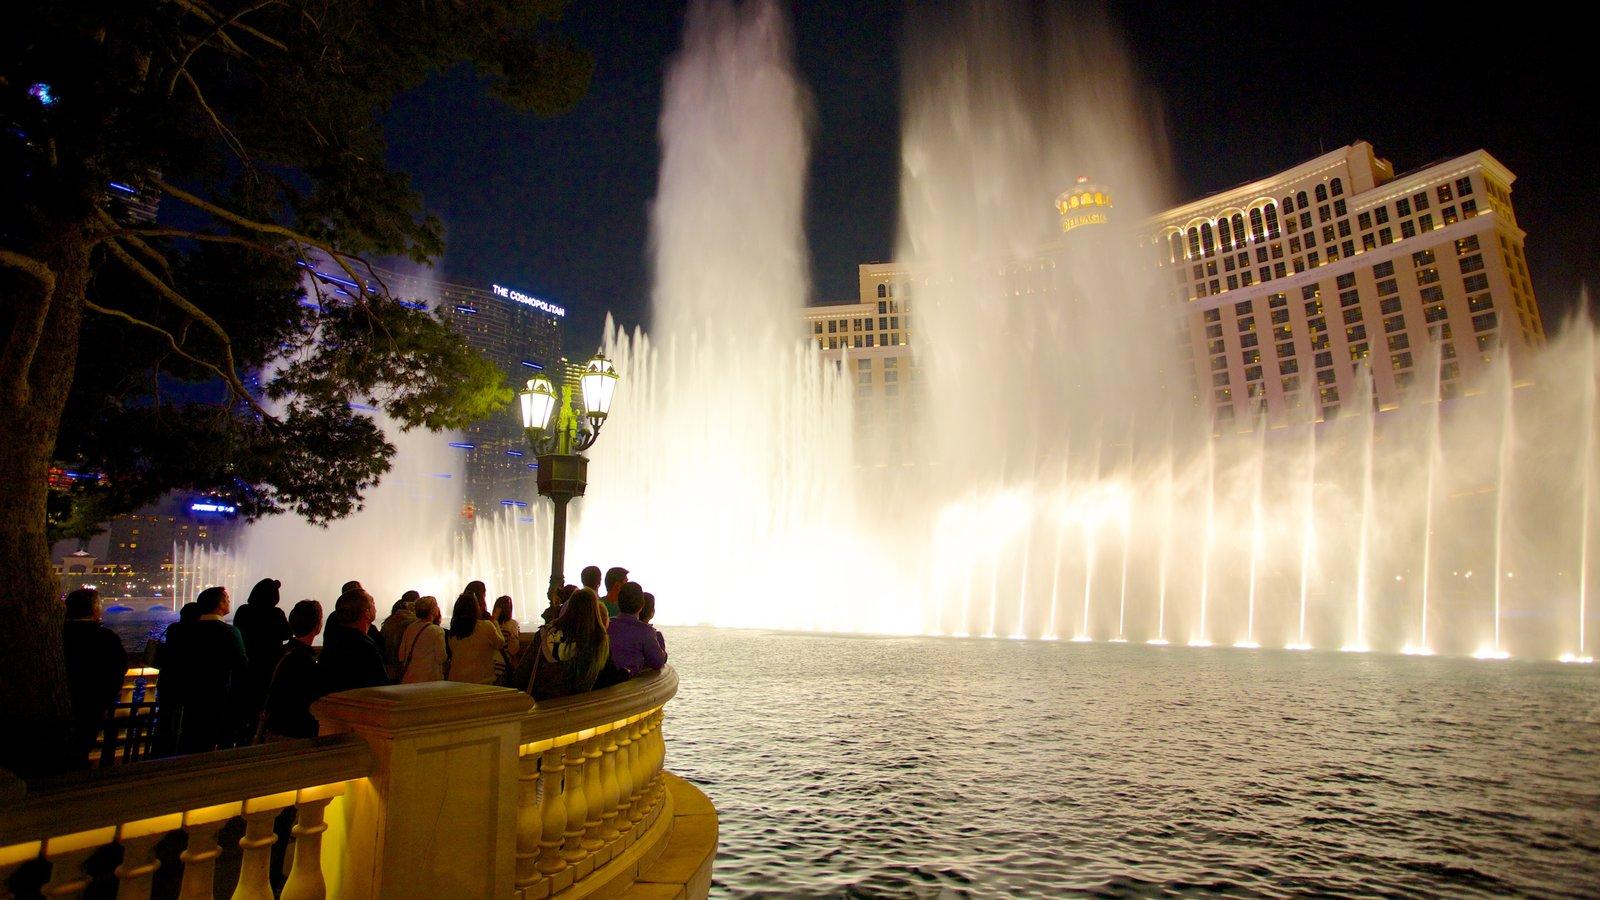 Las Vegas mostrando un hotel, un casino y escenas nocturnas